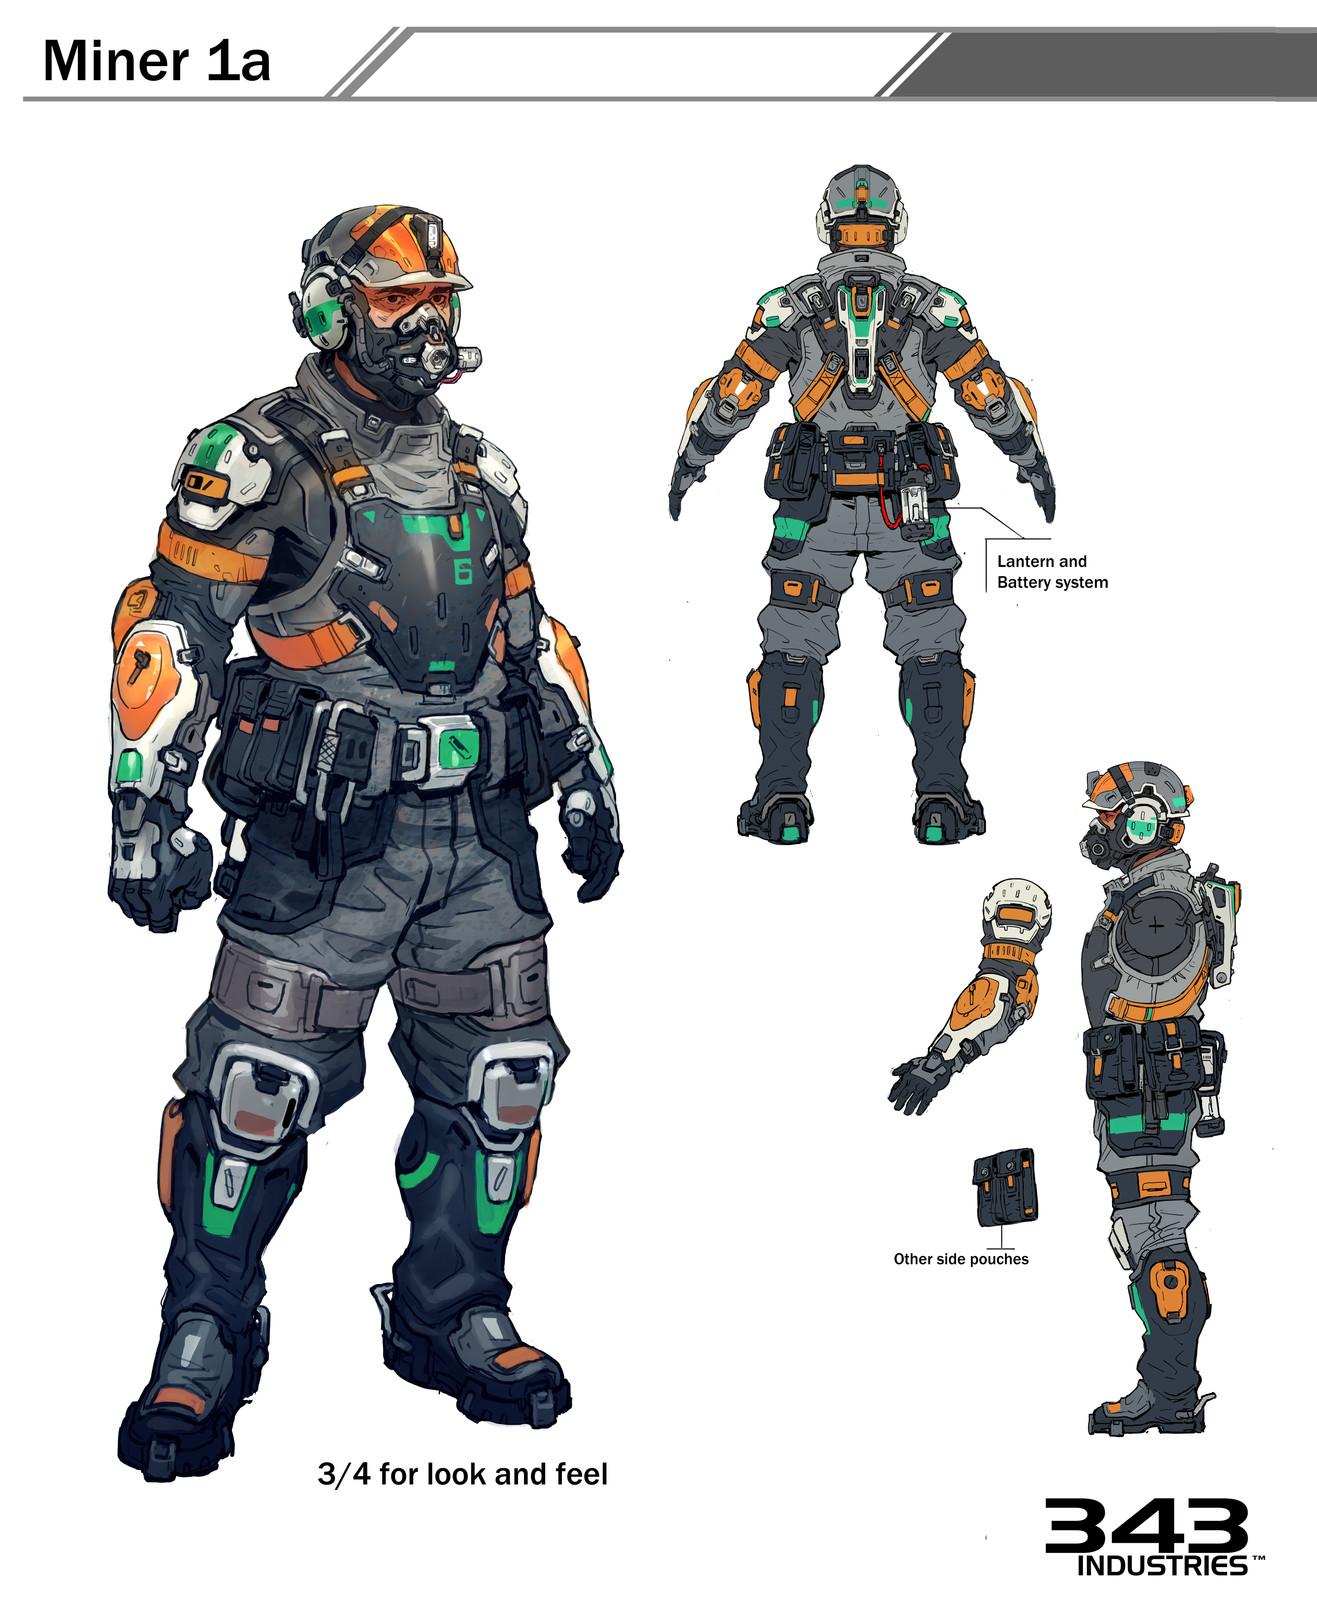 Halo 5- Meridian Miner 1b